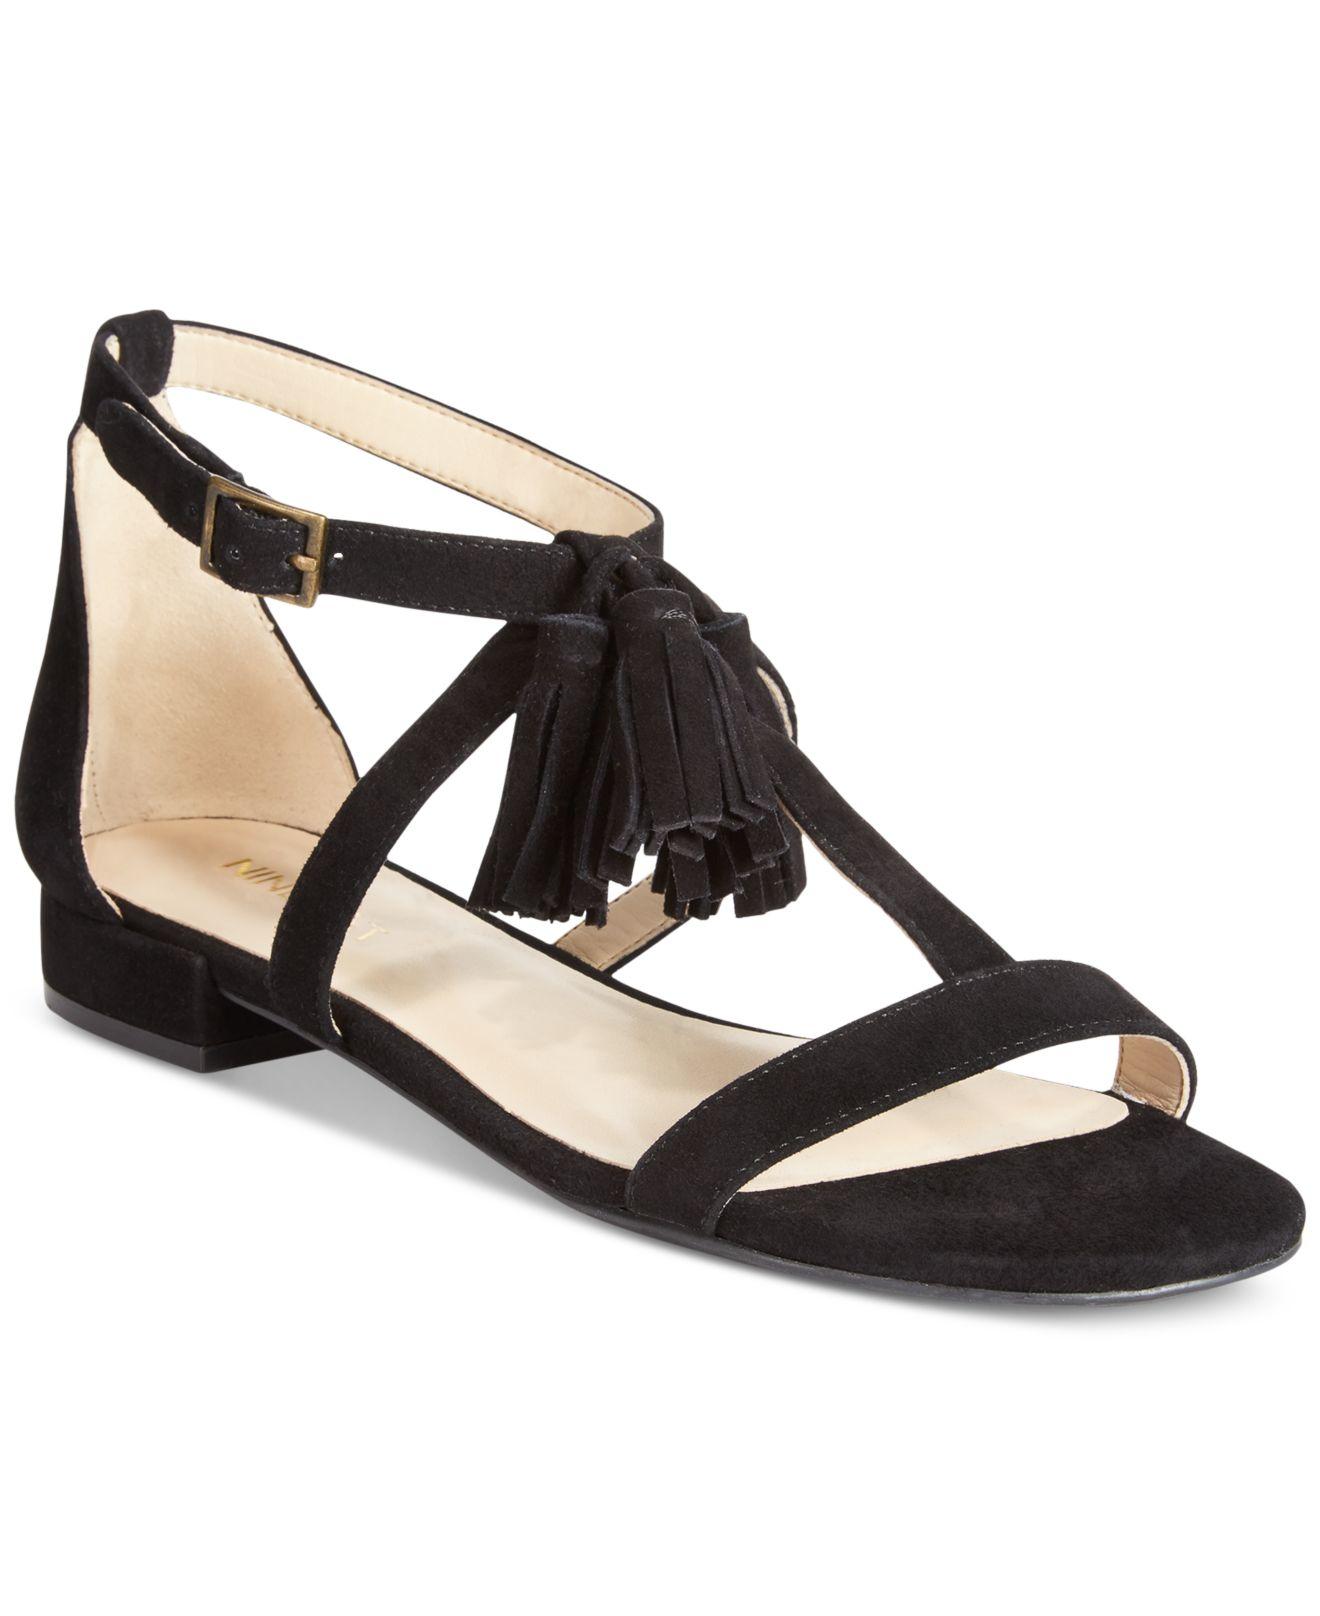 Nine West Weslia Suede Tassel Sandals In Black Lyst